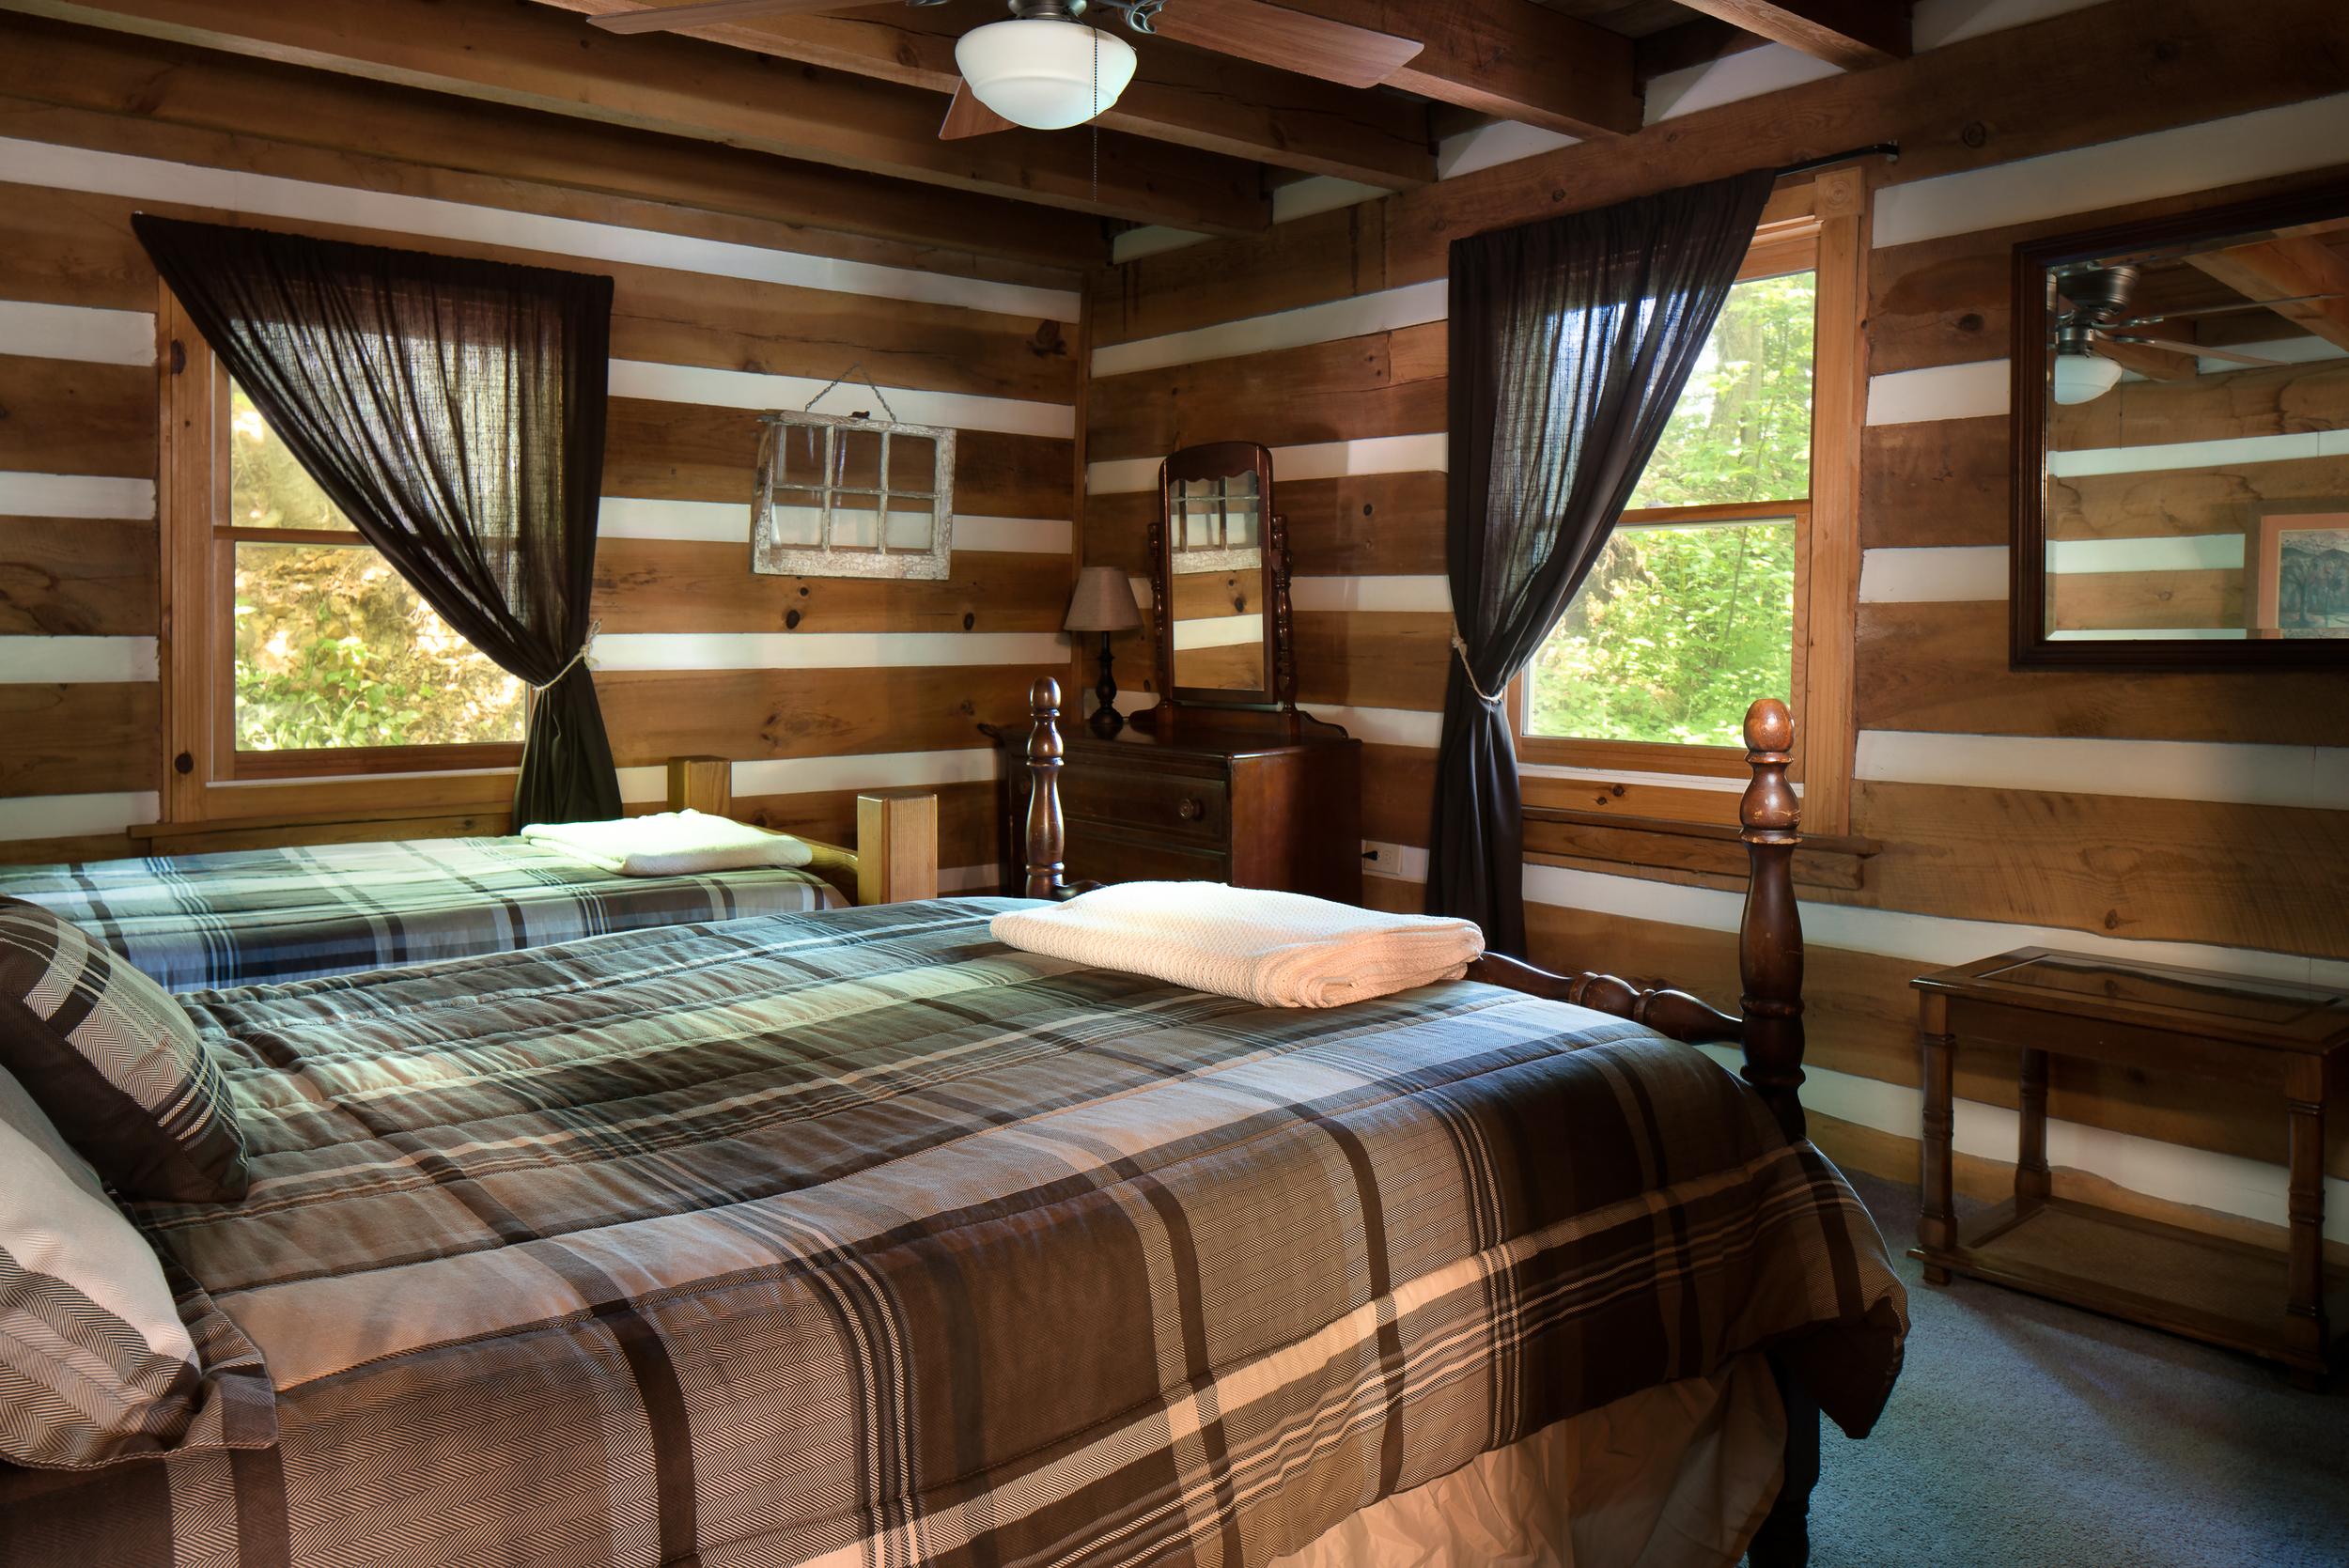 Viking Lodge web-13.jpg